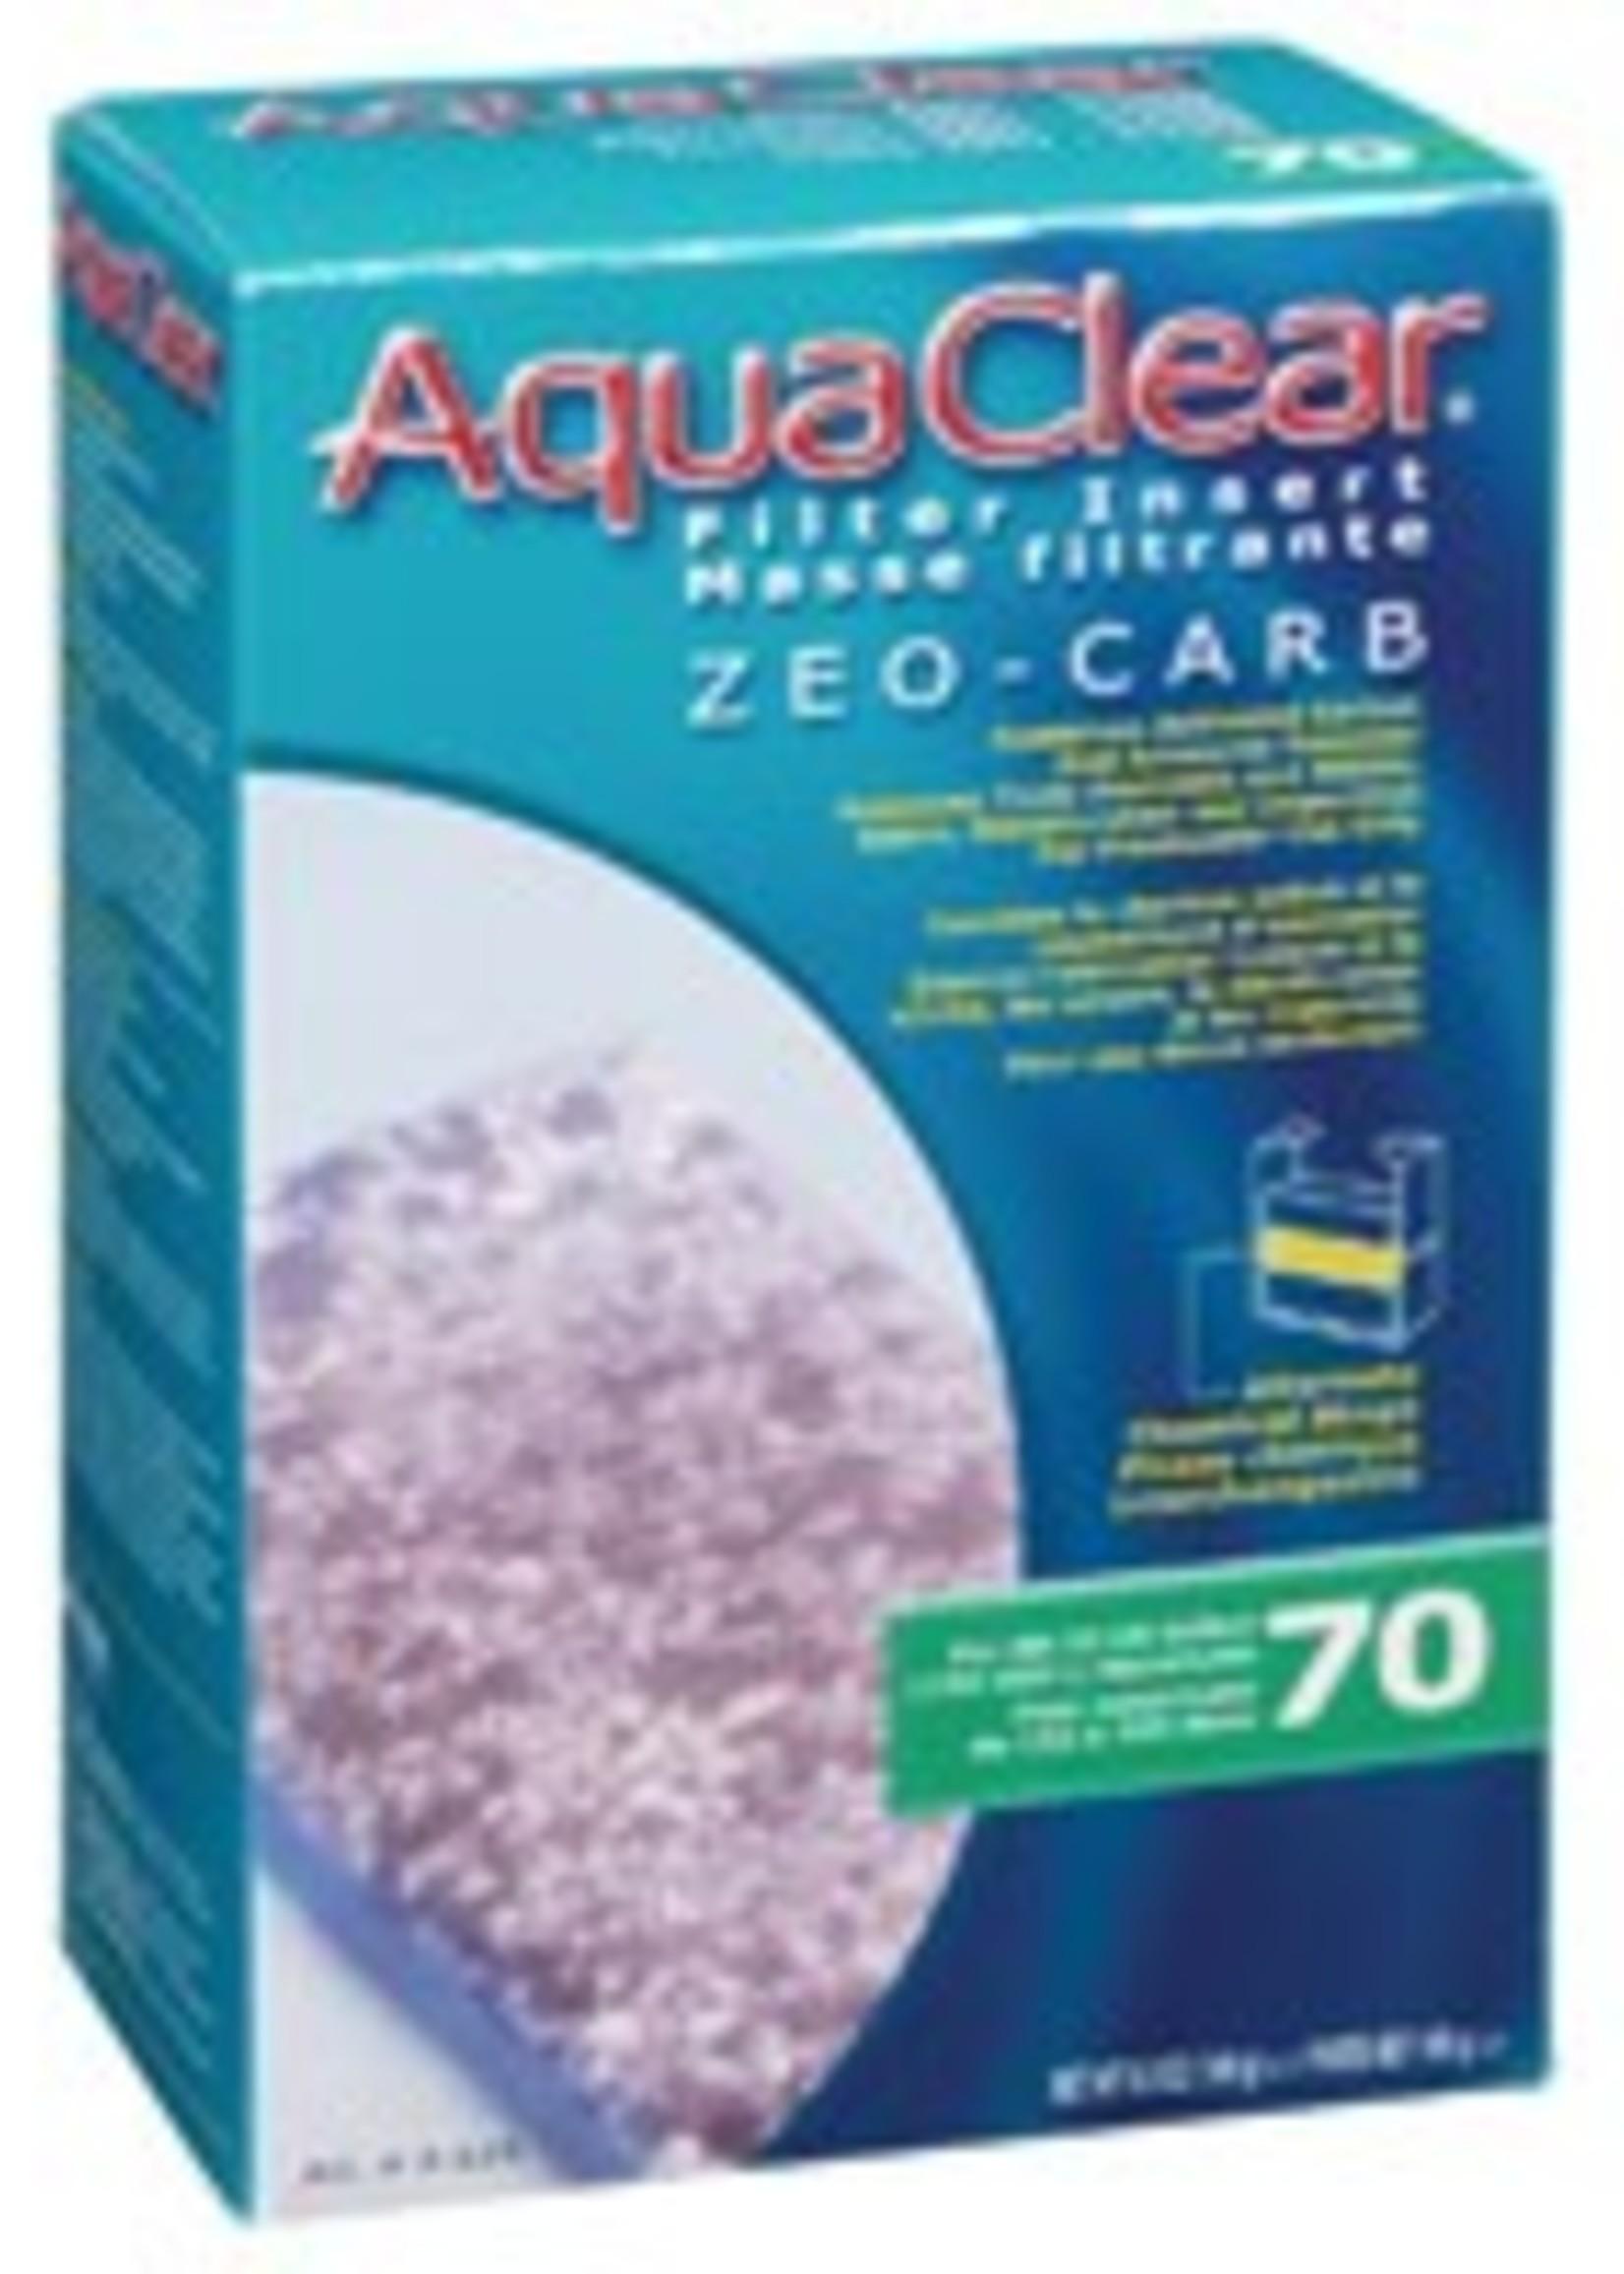 AquaClear 70 Zeo-Carb, 180 g (6.3 oz)